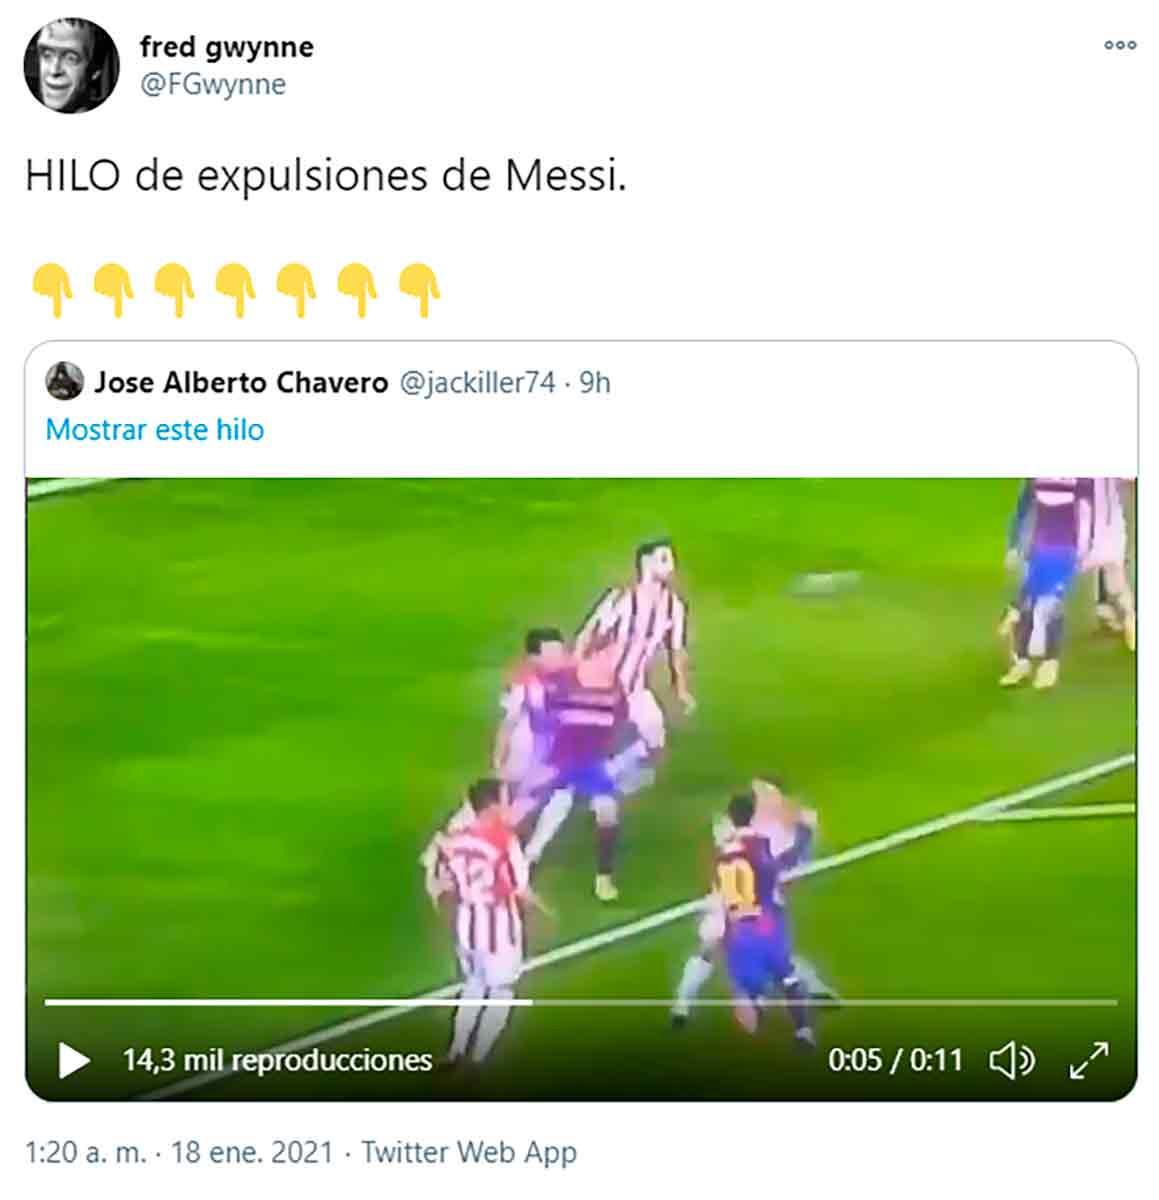 Expulsión Messi 1